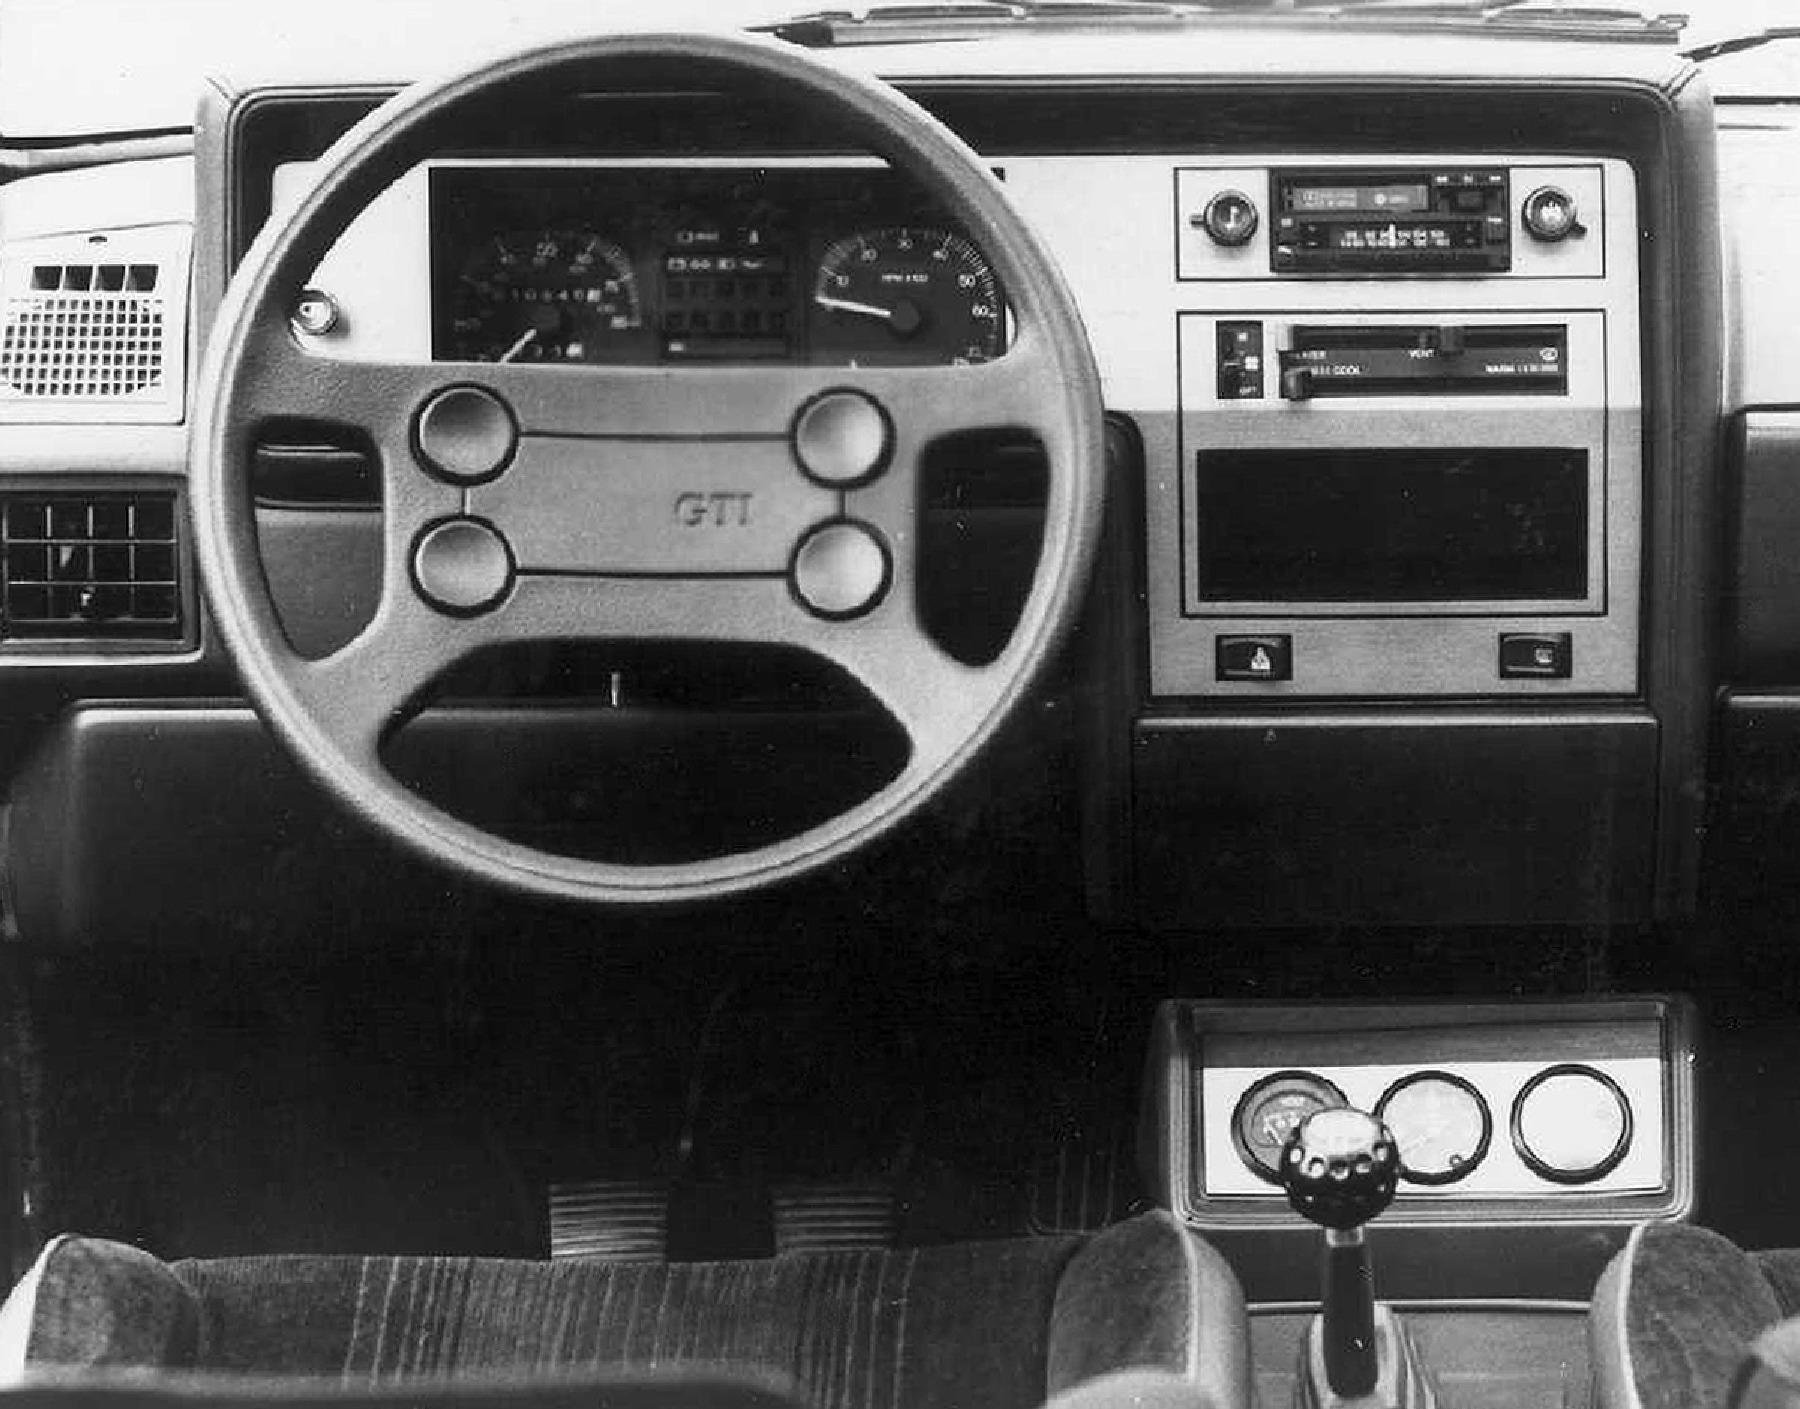 1975 Volkswagen Rabbit